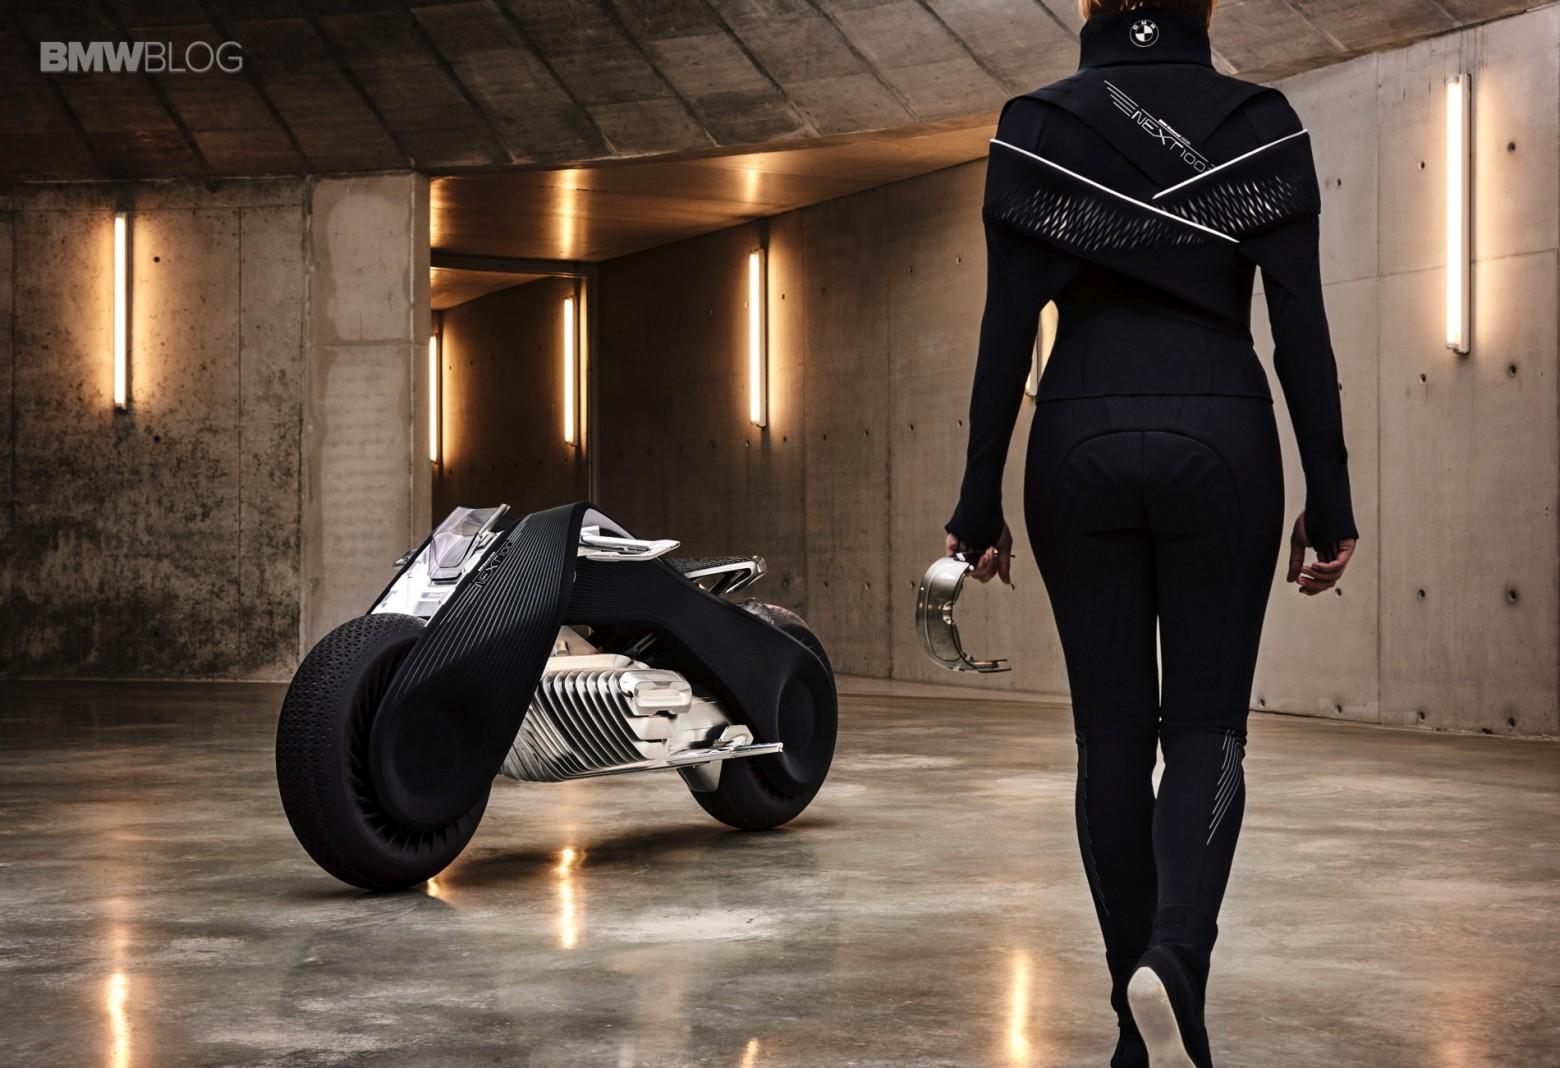 Концепт гибкого мотоцикла BMW Motorrad VISION NEXT 100 - 14